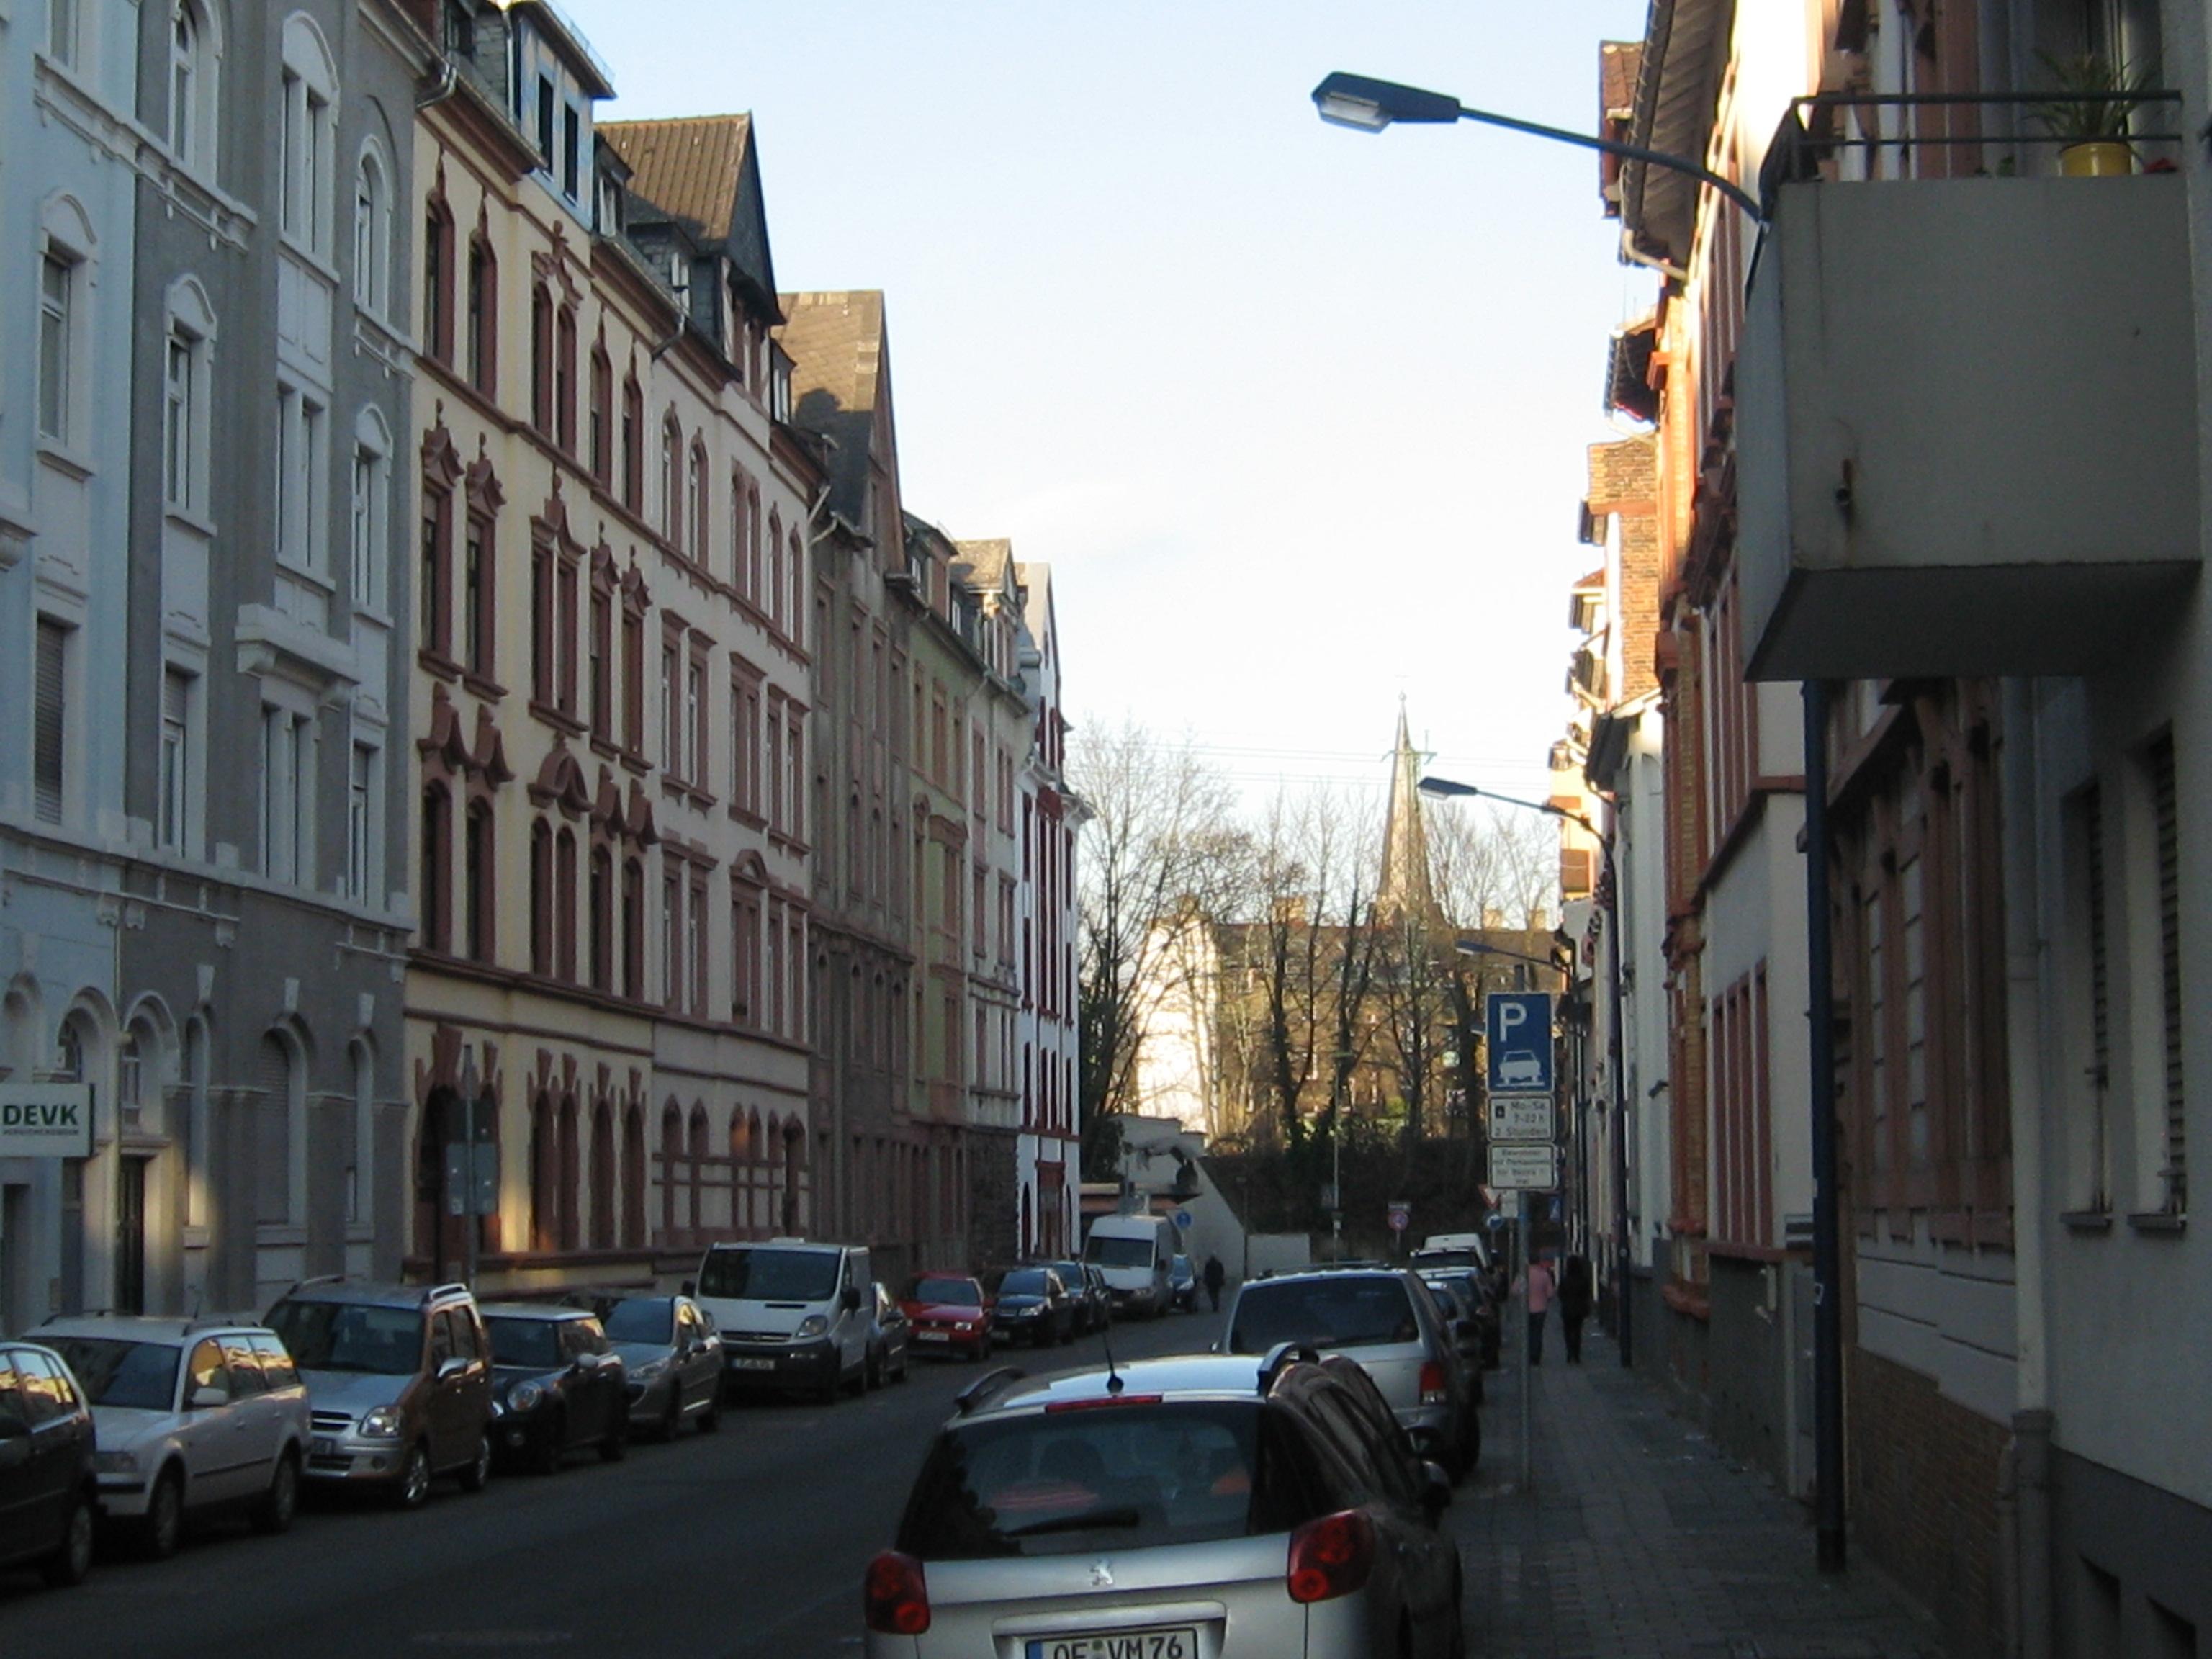 Offenbach Senefelderstrasse Overview IMG 0756.JPG